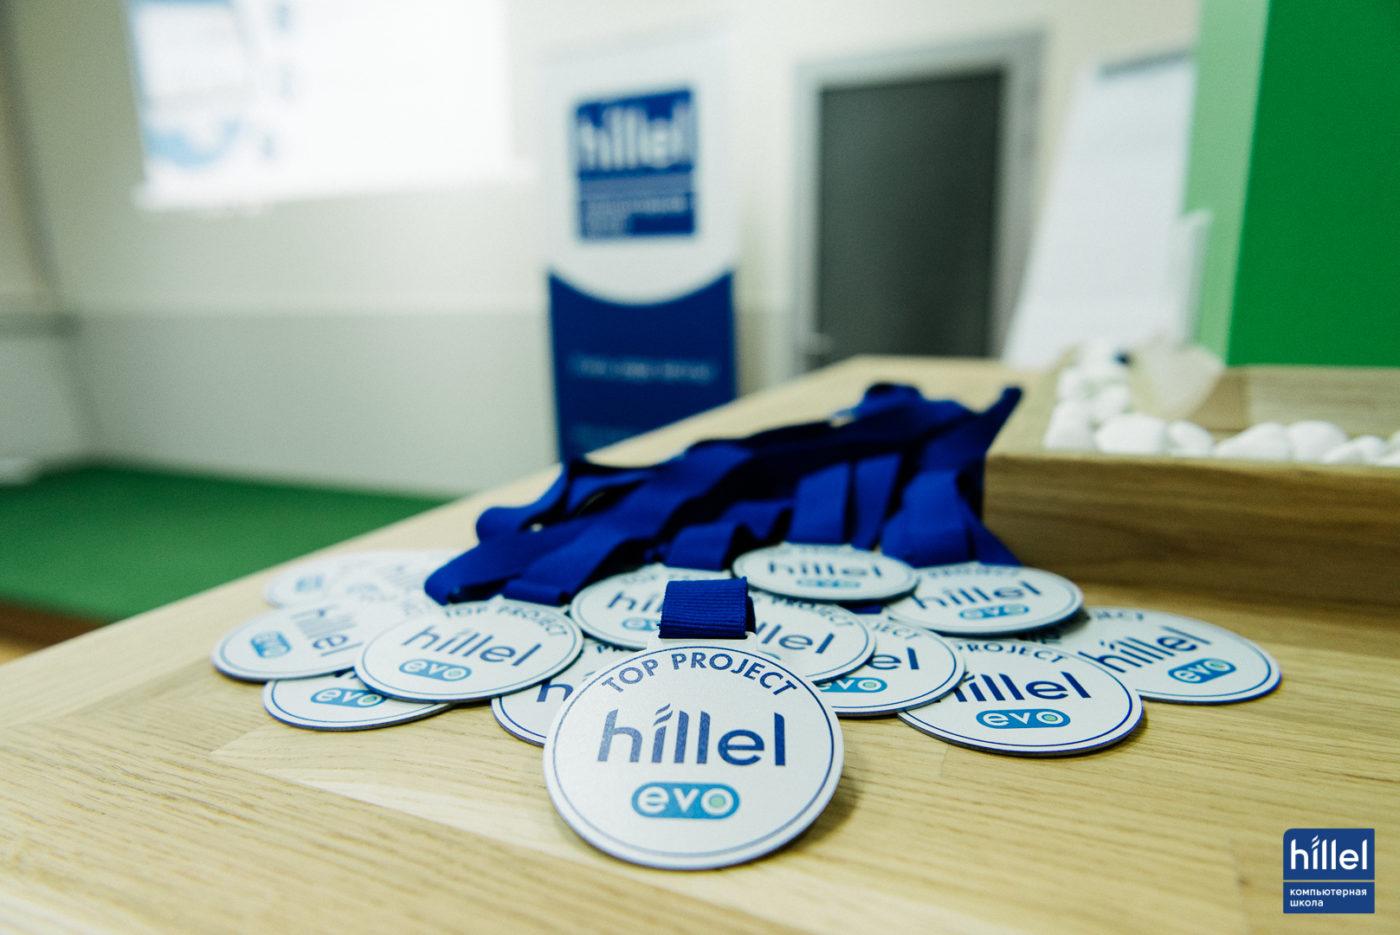 Мероприятия: Приглашаем на питчинг идей четвертого цикла программы Hillel Evo в Одессе